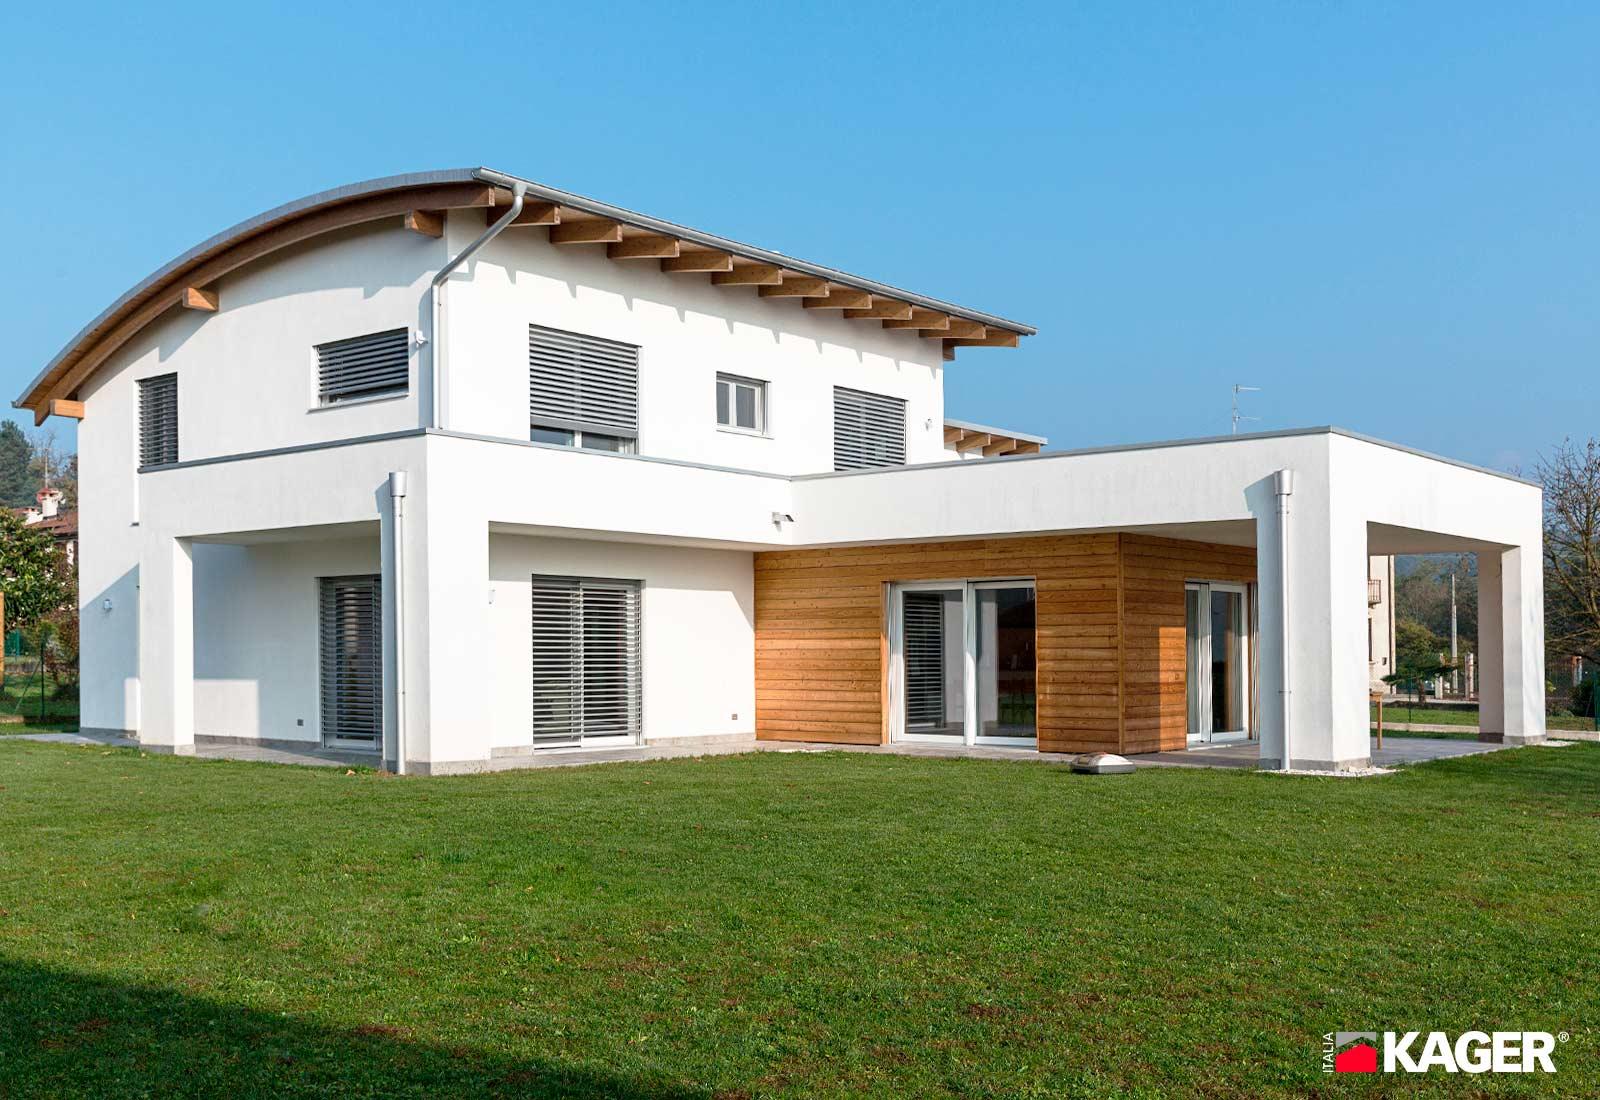 Casa-in-legno-Brebbia-Kager-Italia-01